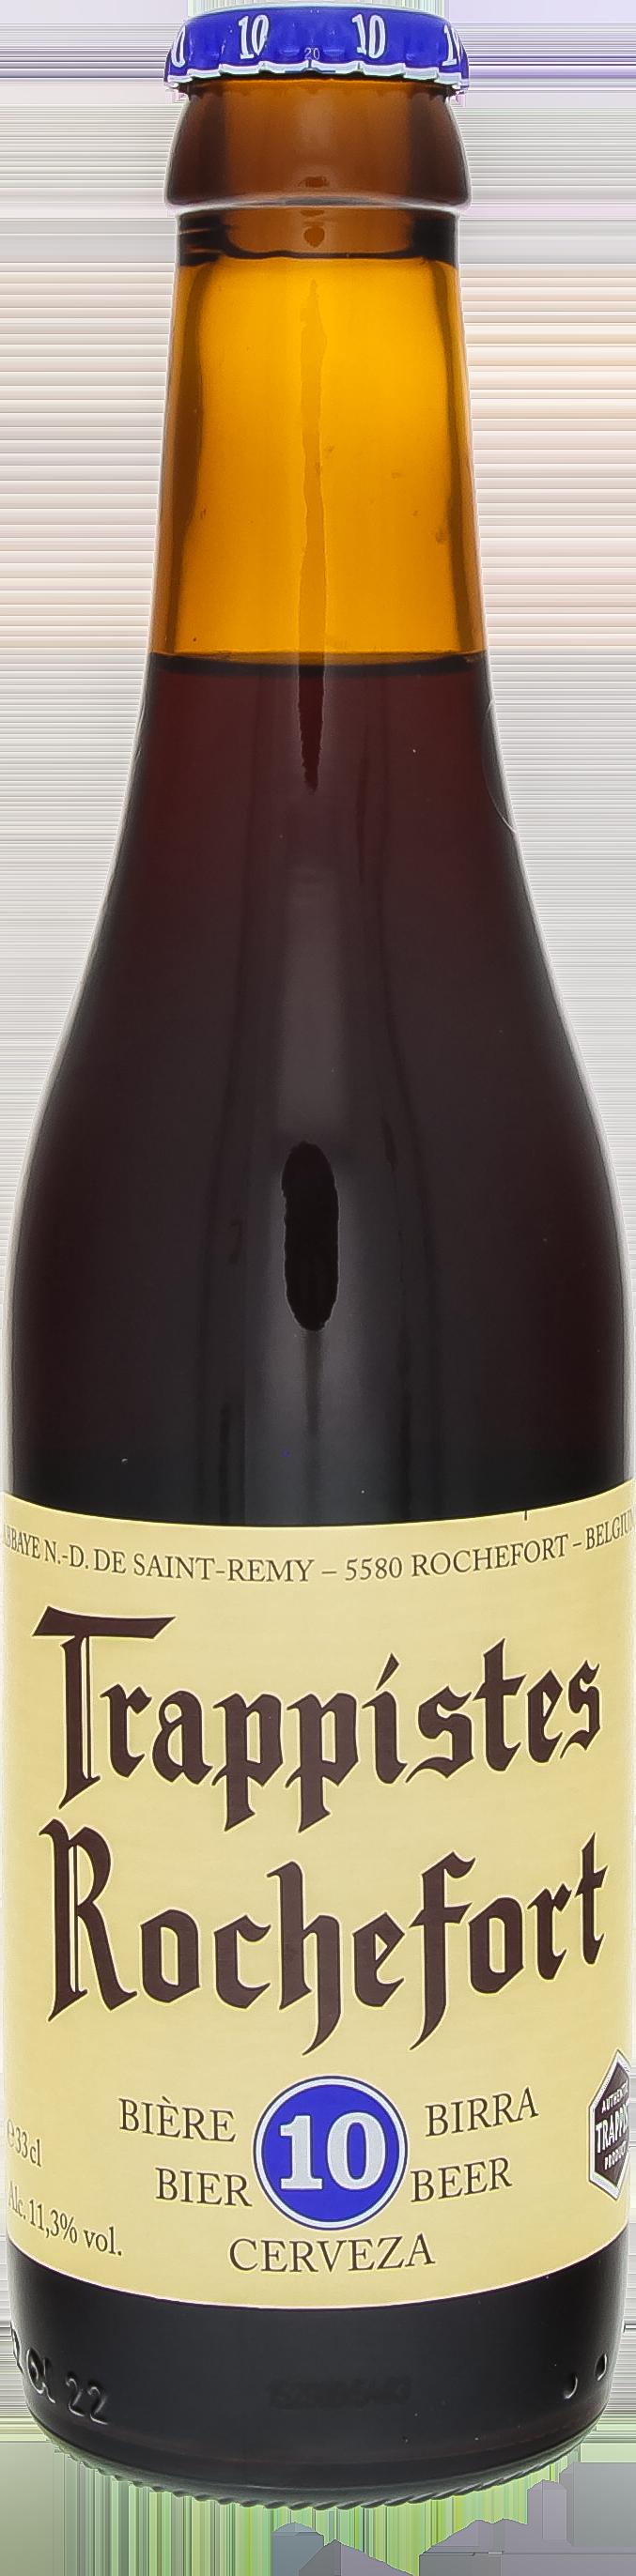 Бельгийское пиво. Rochefort 10